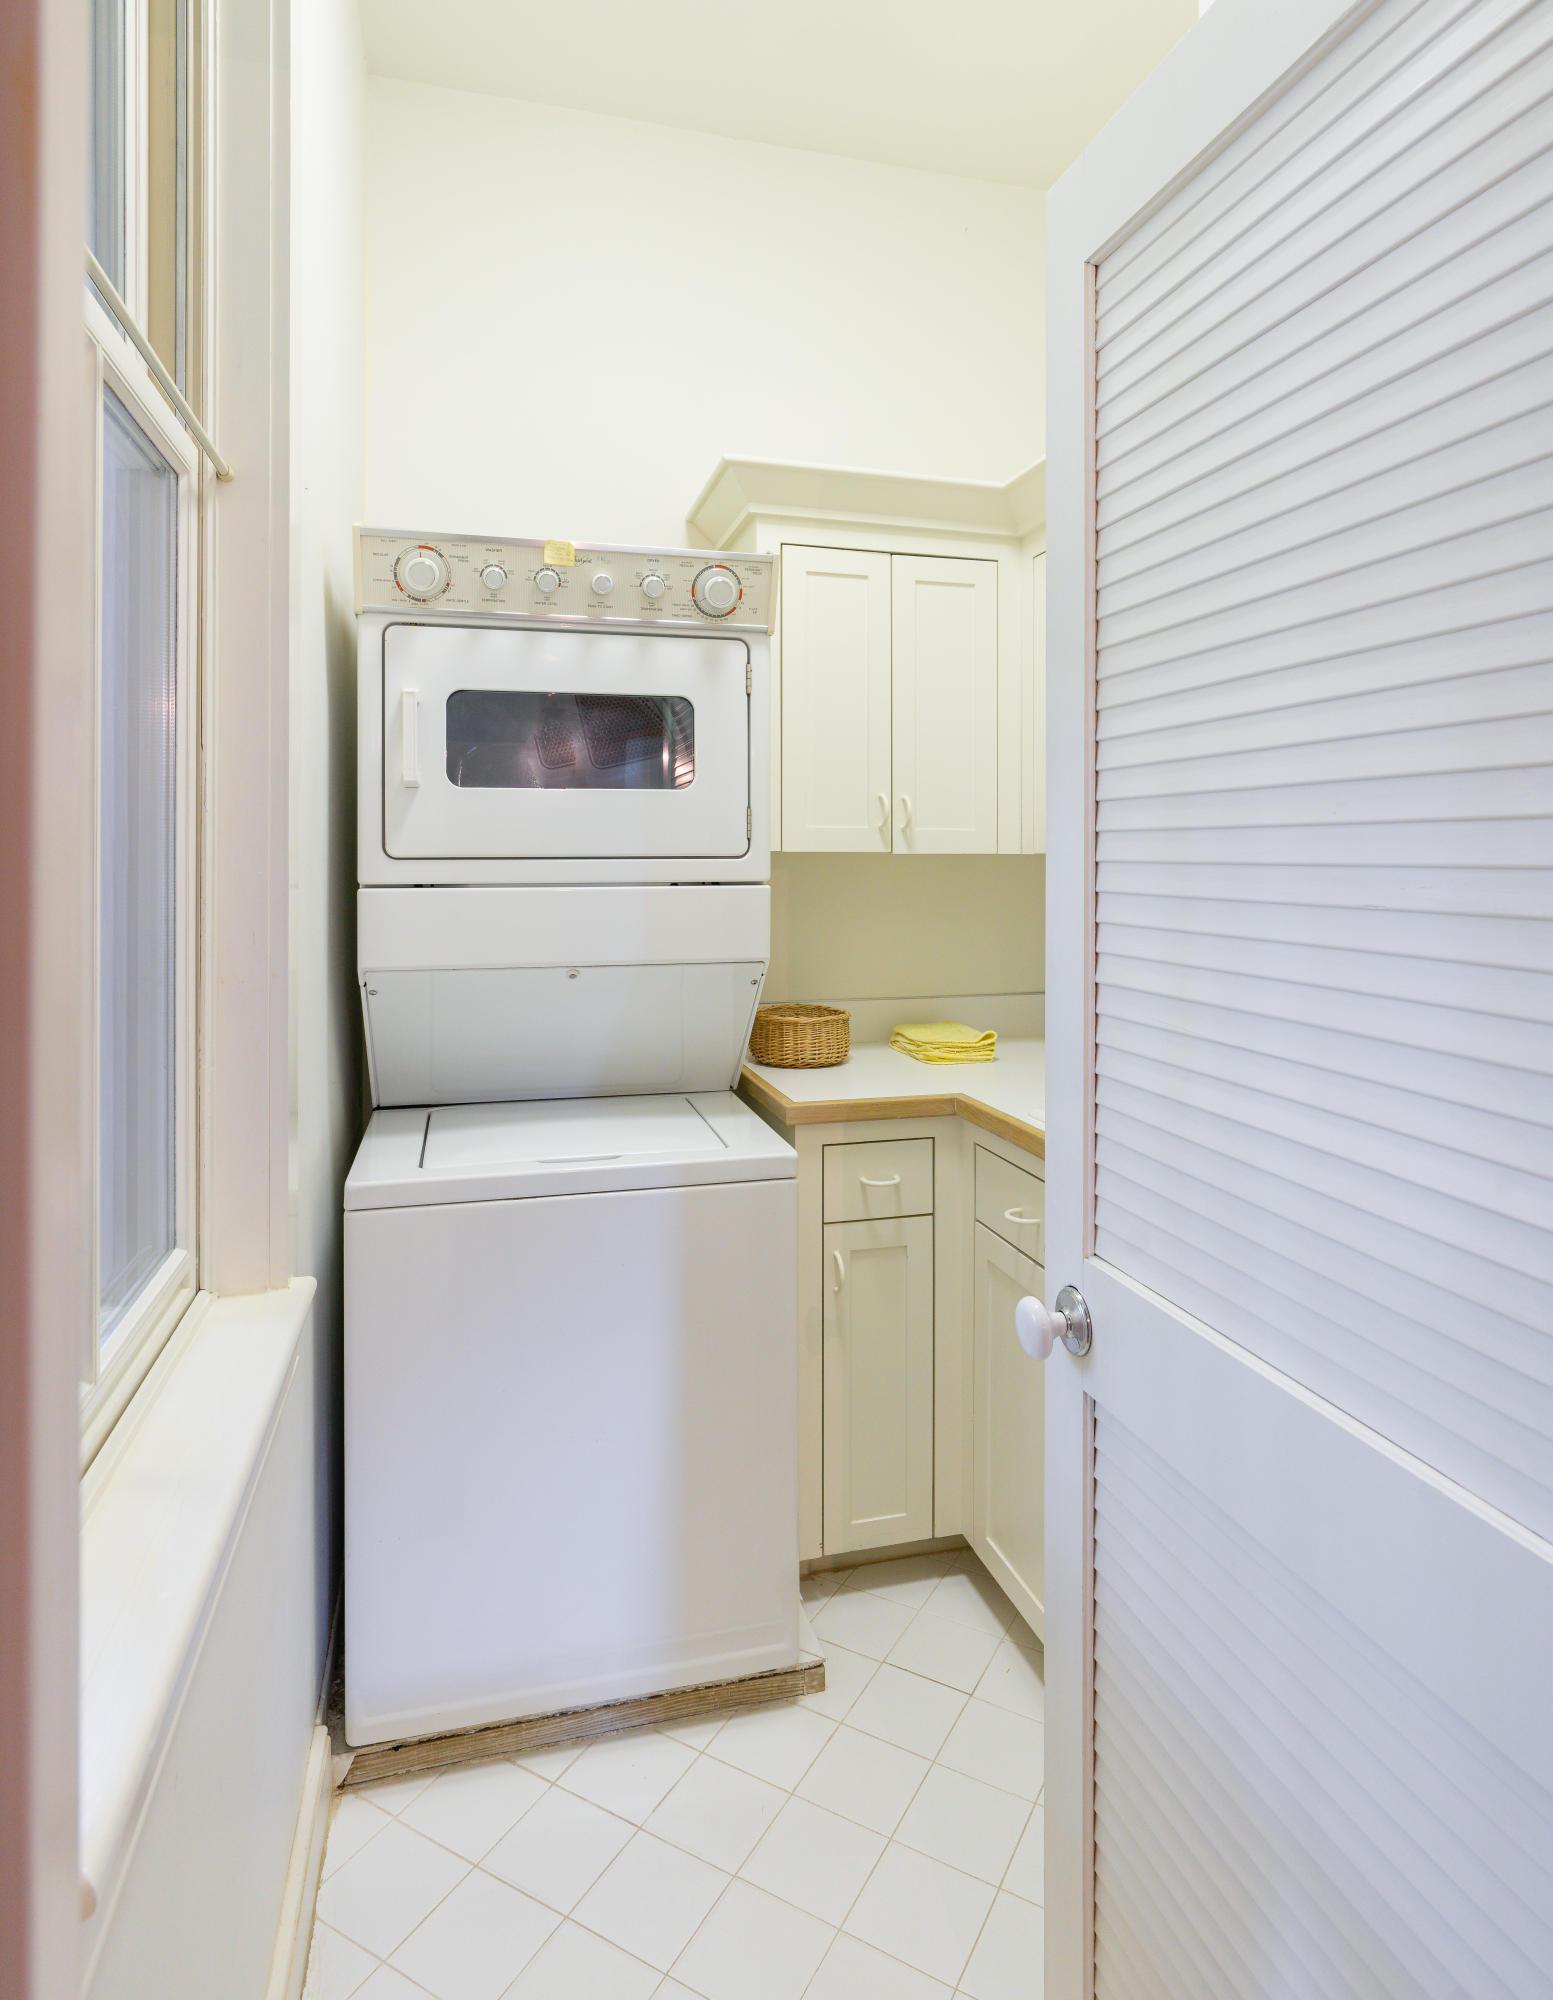 Kiawah Island Homes For Sale - 85 Jackstay, Kiawah Island, SC - 8